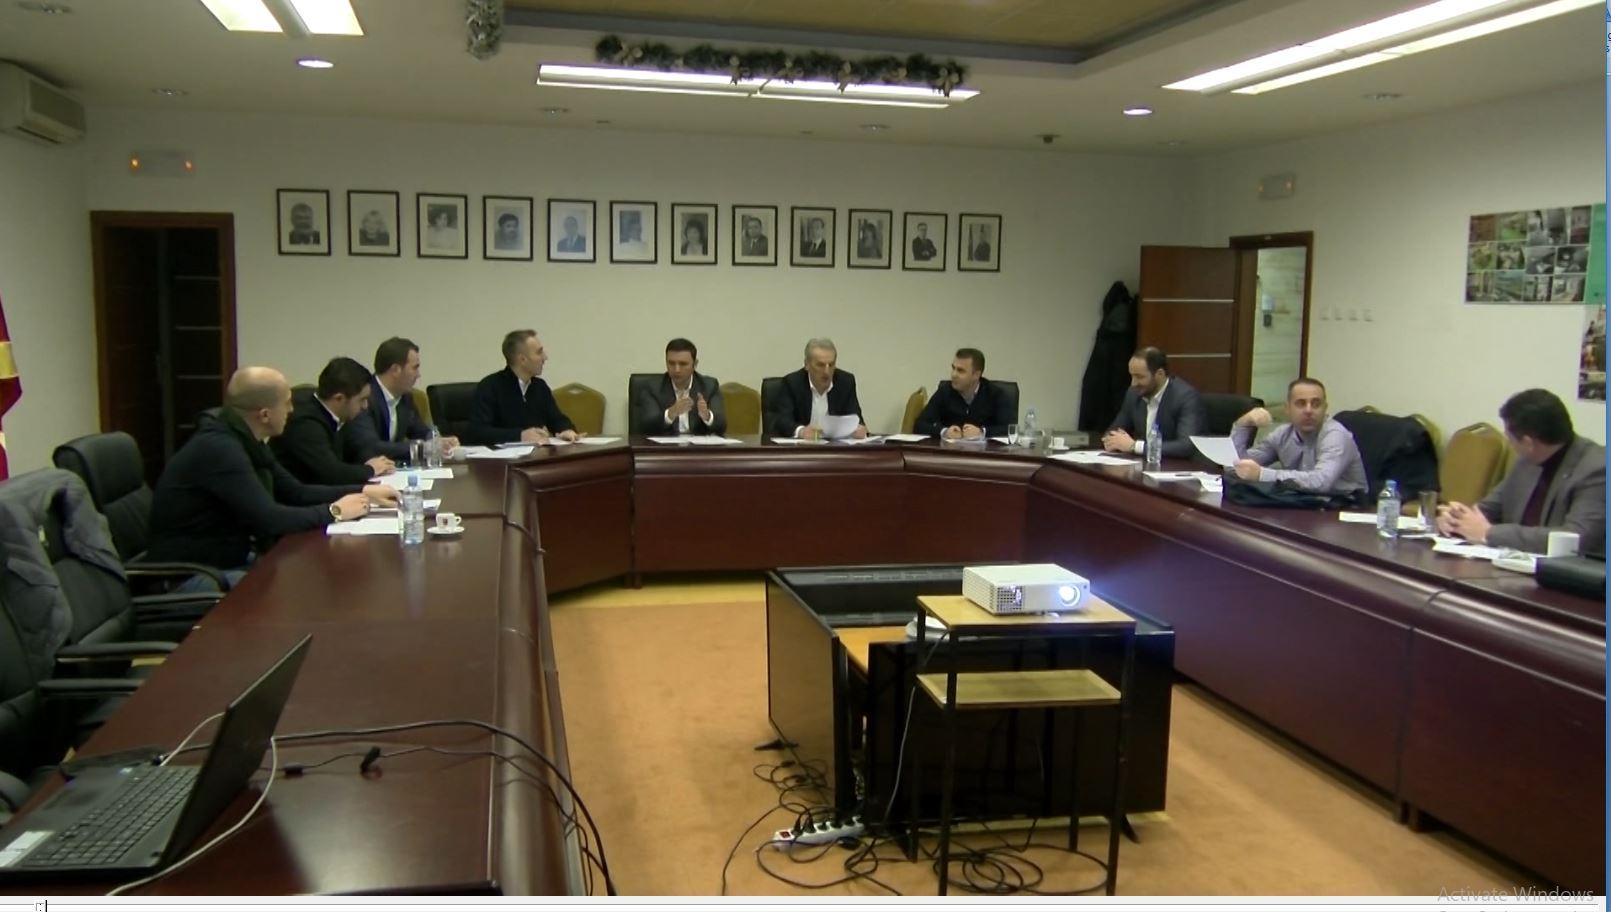 Dygjuhësia, institucionet maqedonase bëhen gati për zbatimin e ligjit